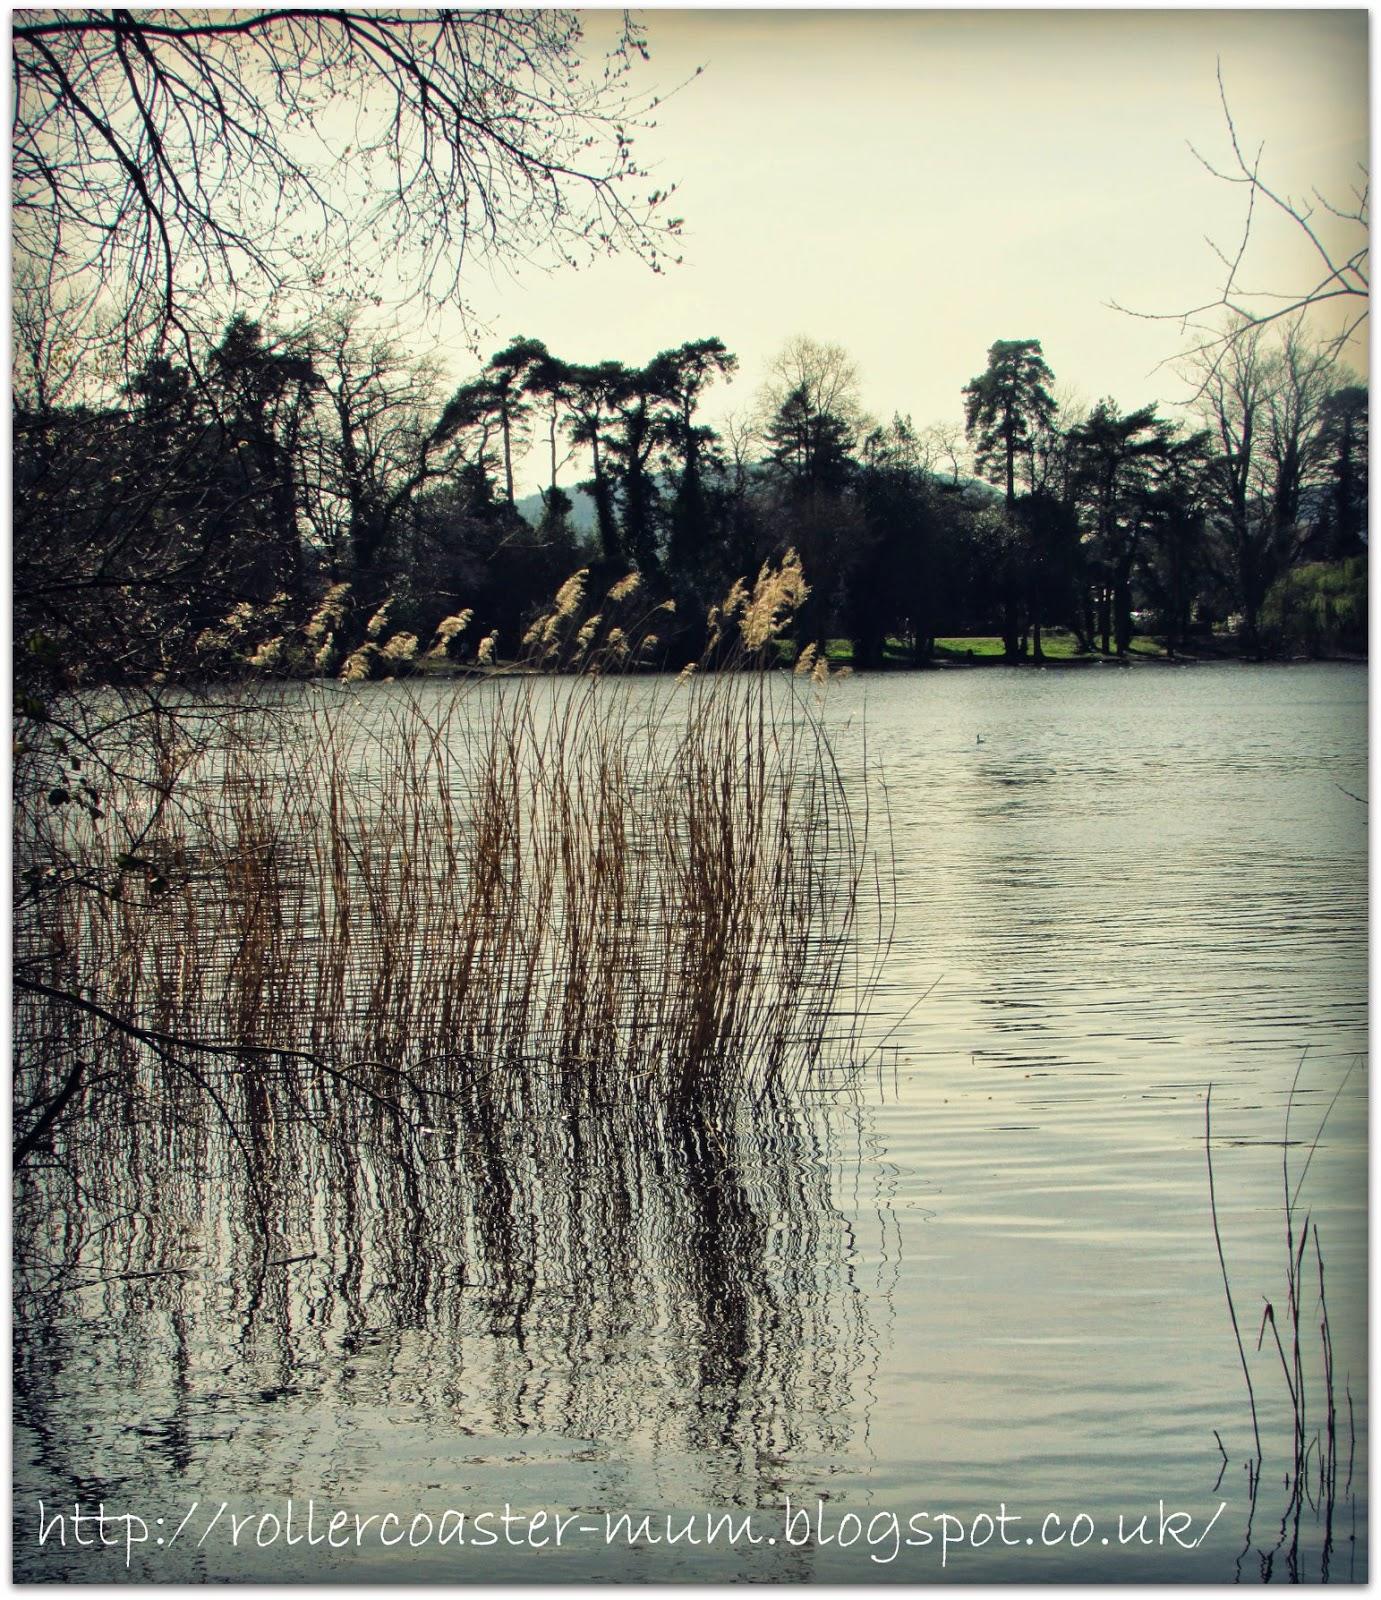 rippling water reeds